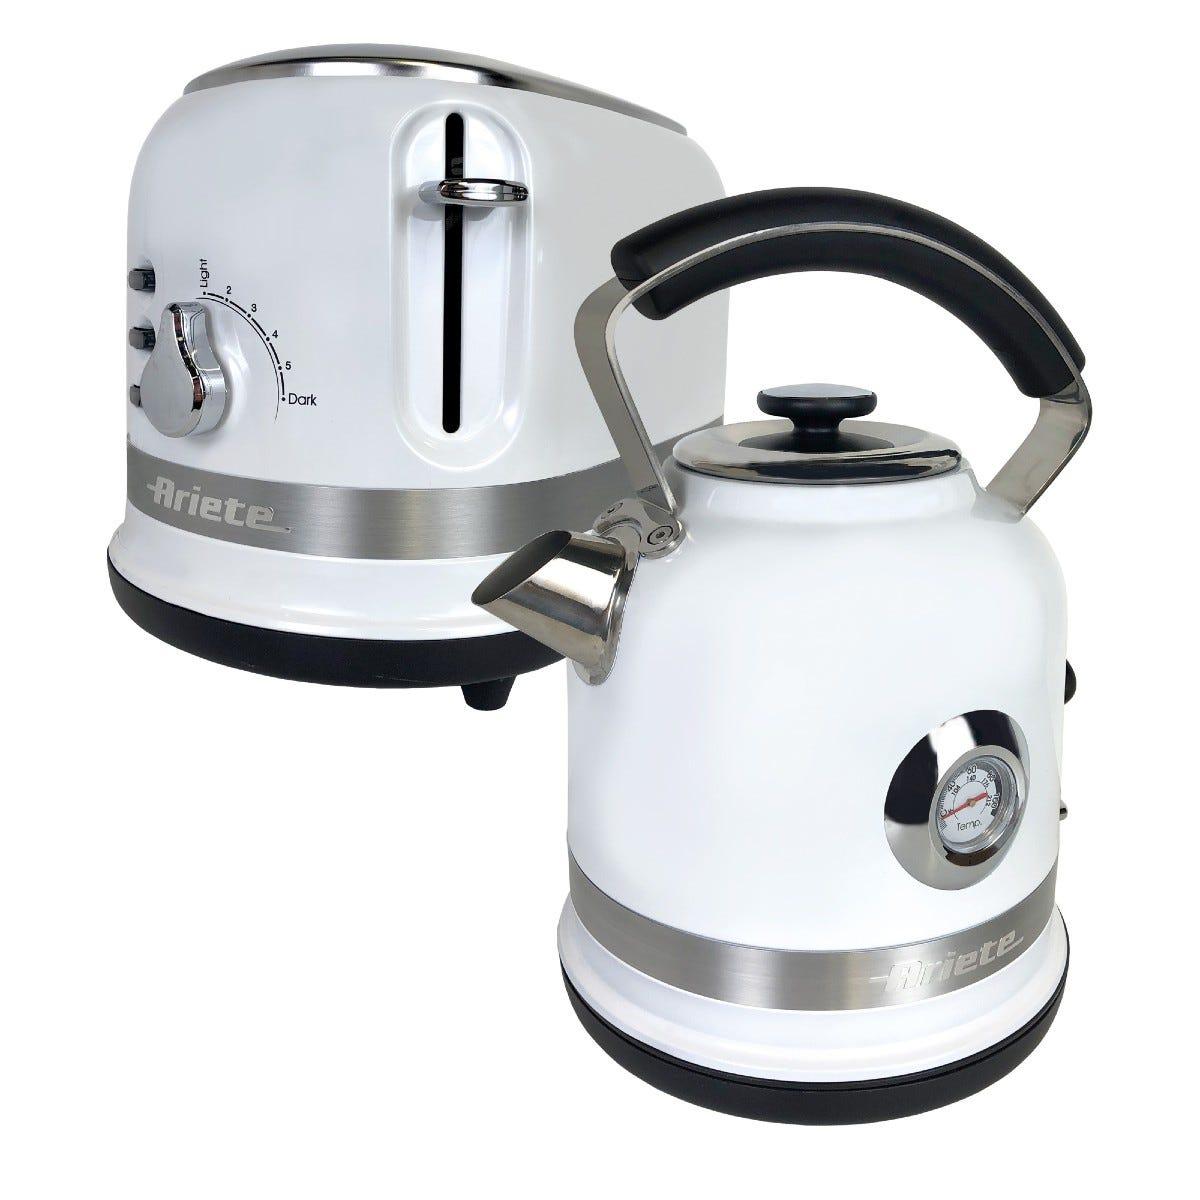 Ariete ARPK32 Moderna 1.7L Kettle and 2-Slice Toaster - White